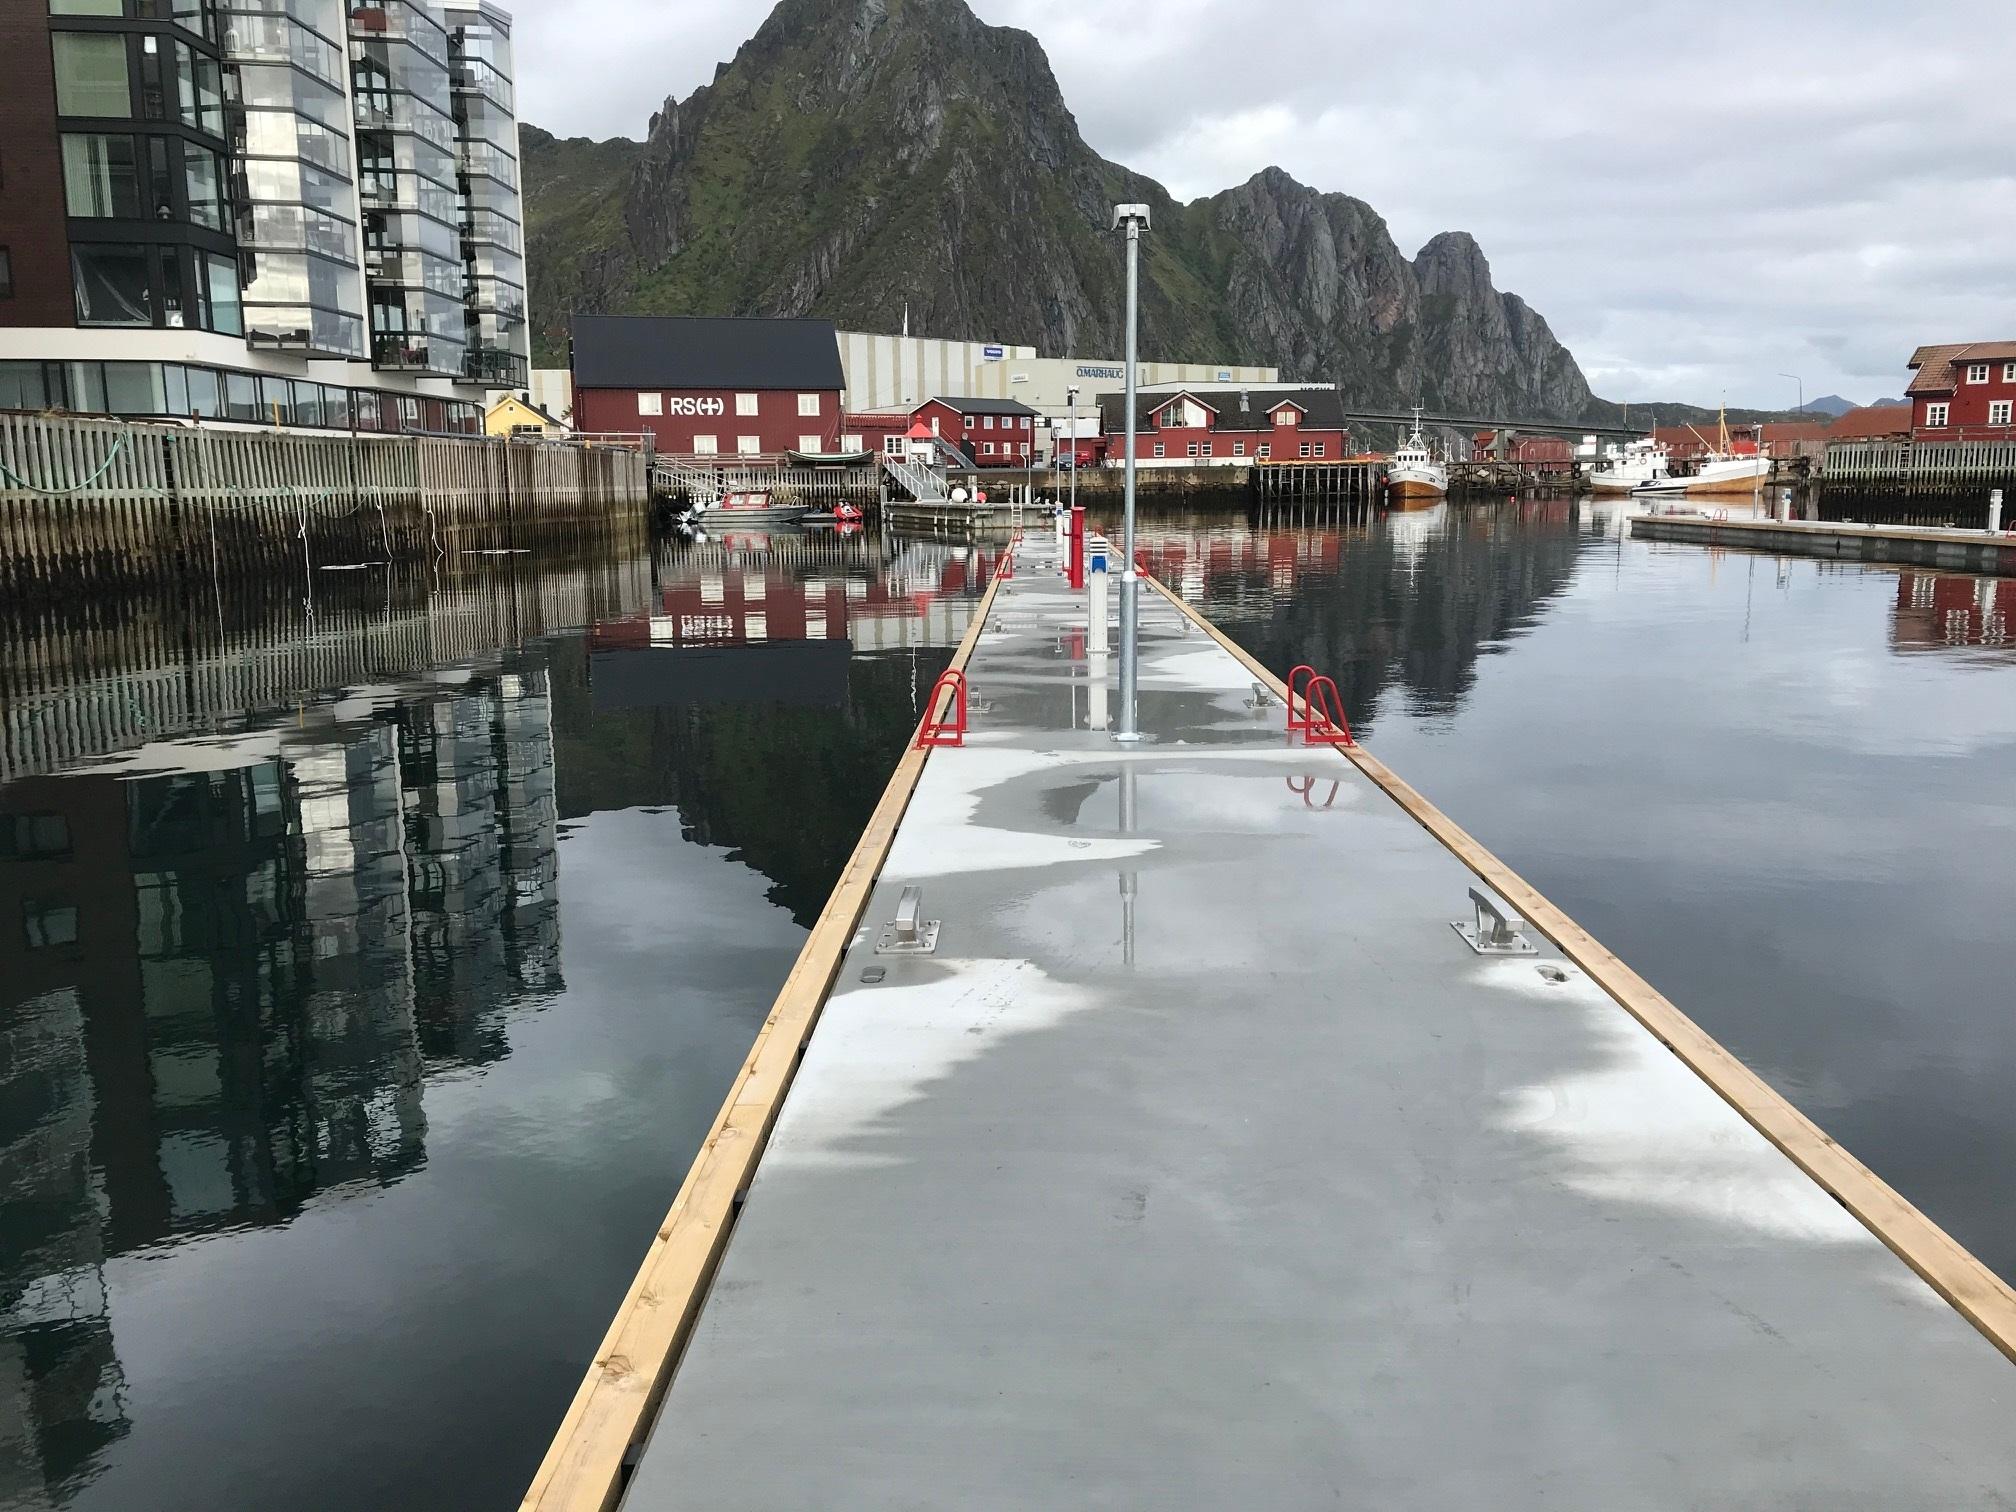 https://marinasolutions.no/uploads/Svolvær-marina-solutions-bryggeanlegg.jpg